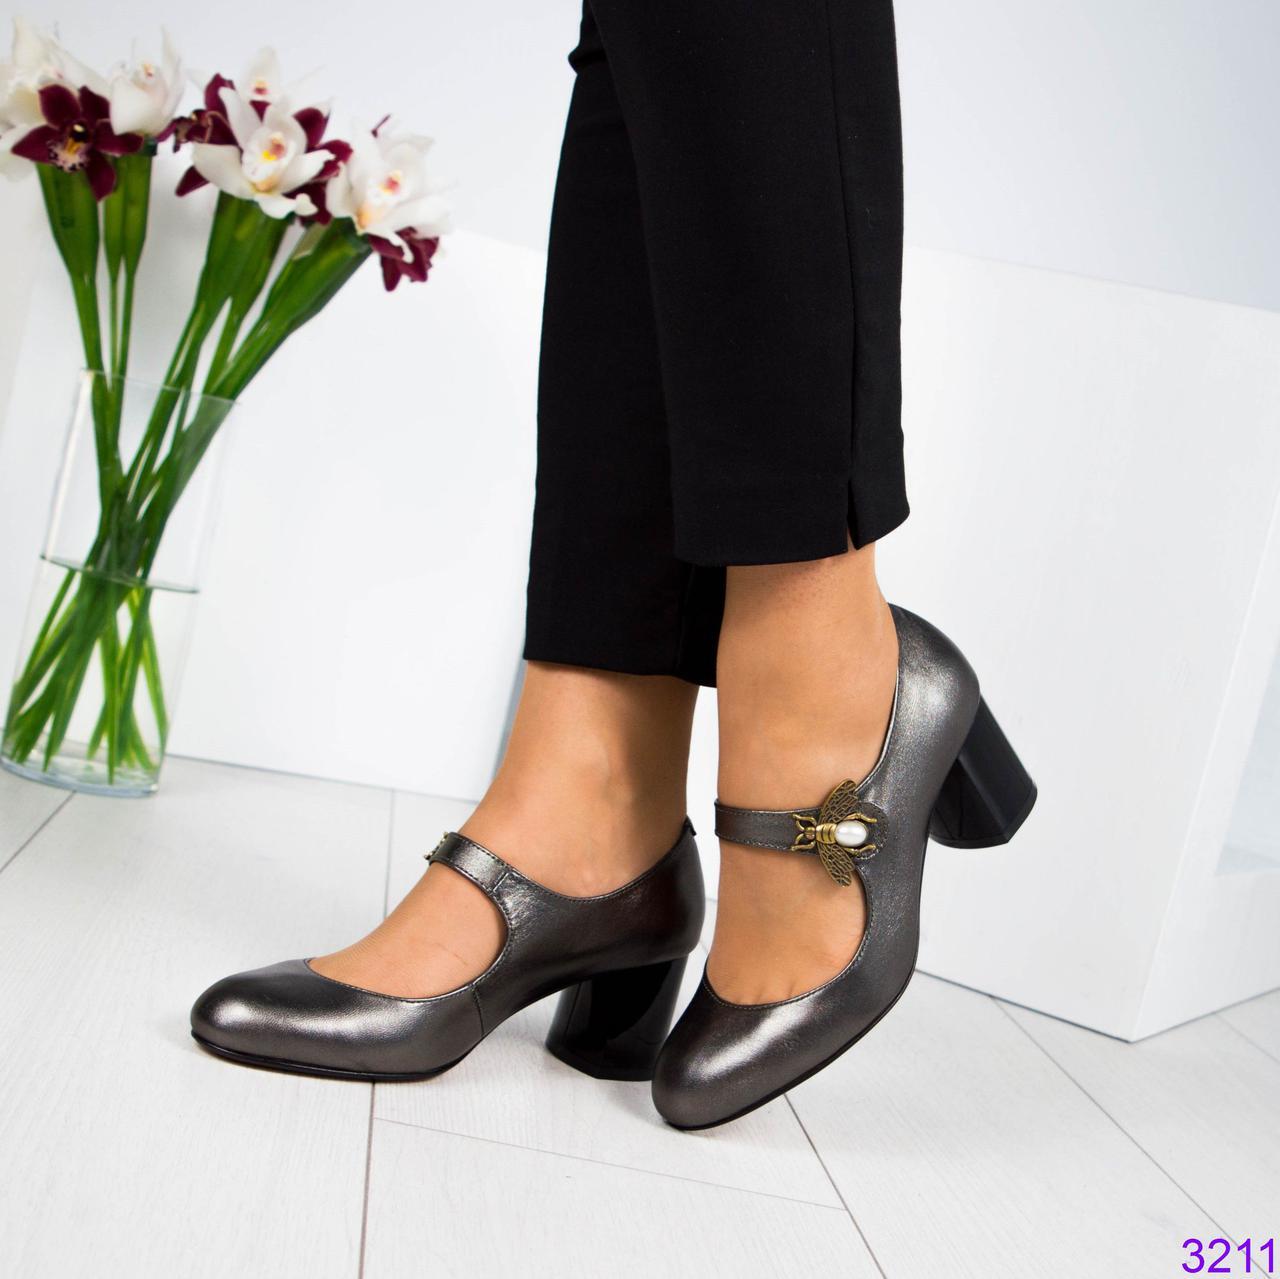 Шикарные туфли с декором. Размер 37